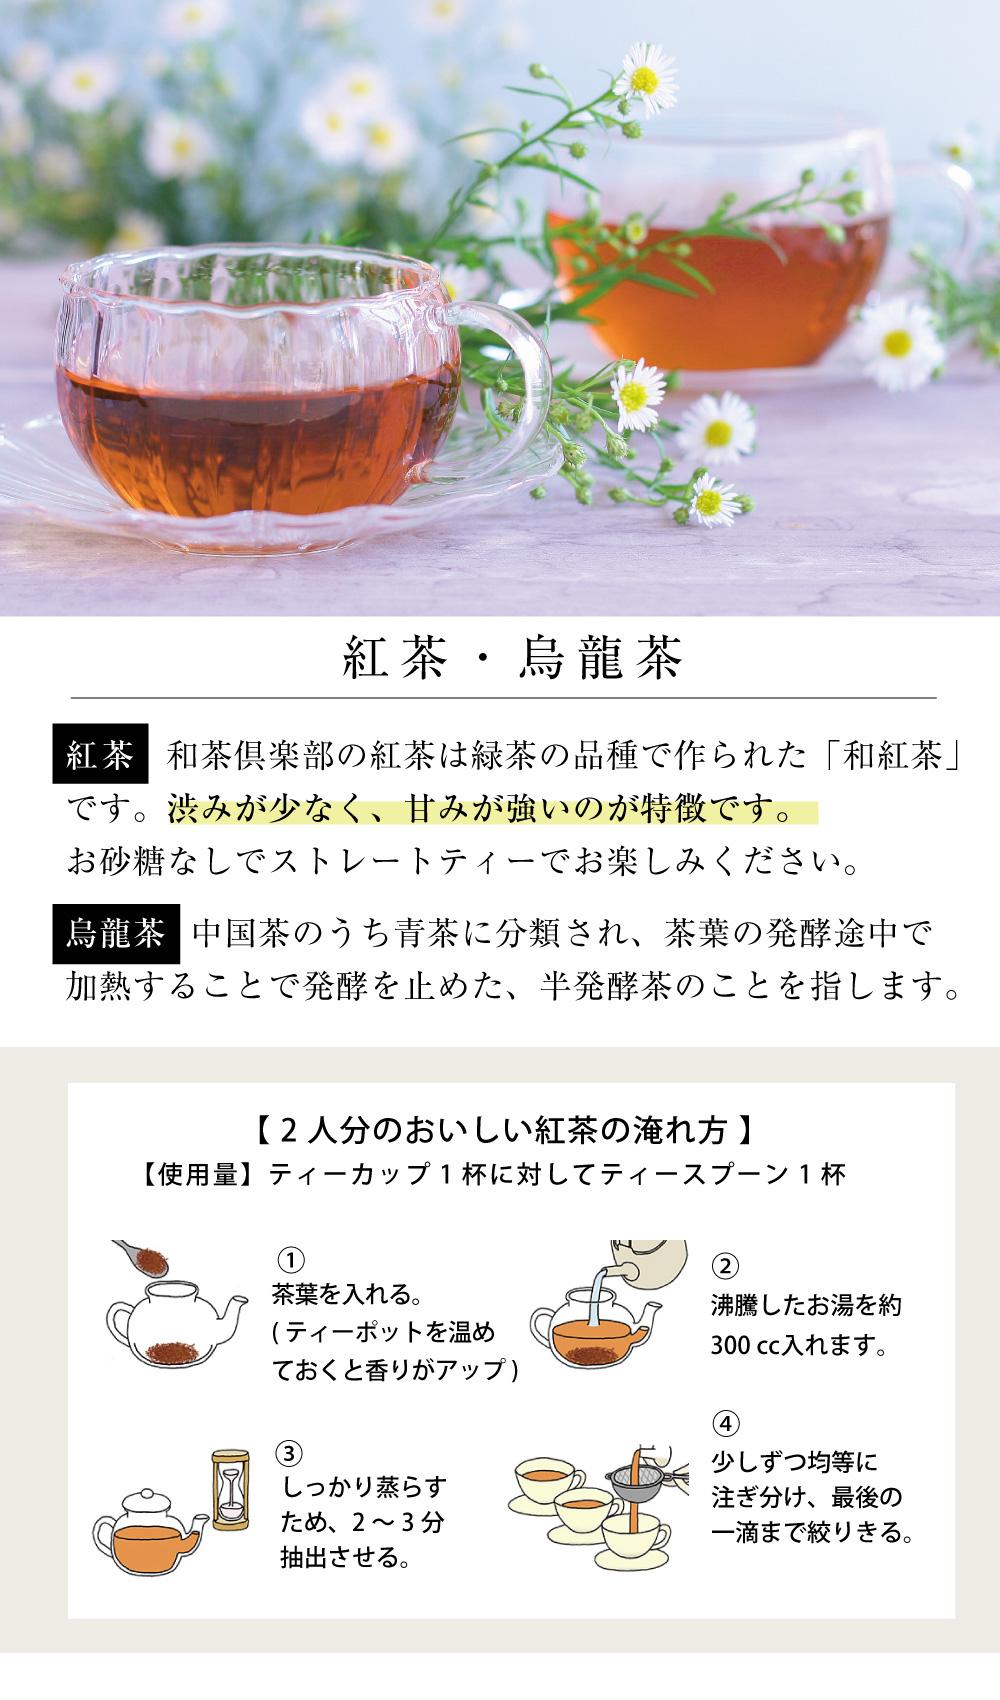 烏龍茶・紅茶